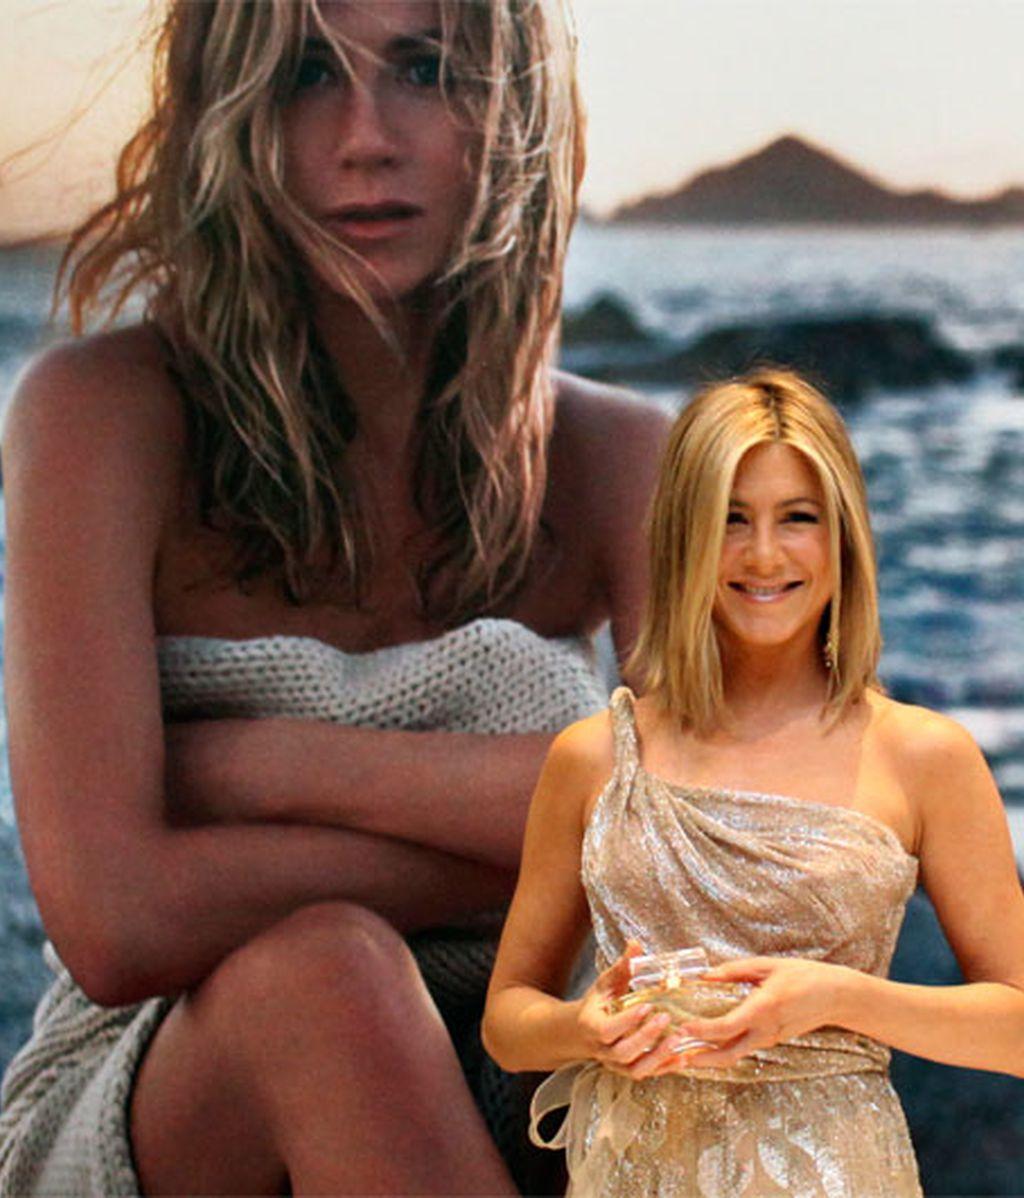 jennifer Aniston = Jennifer Annasstakis